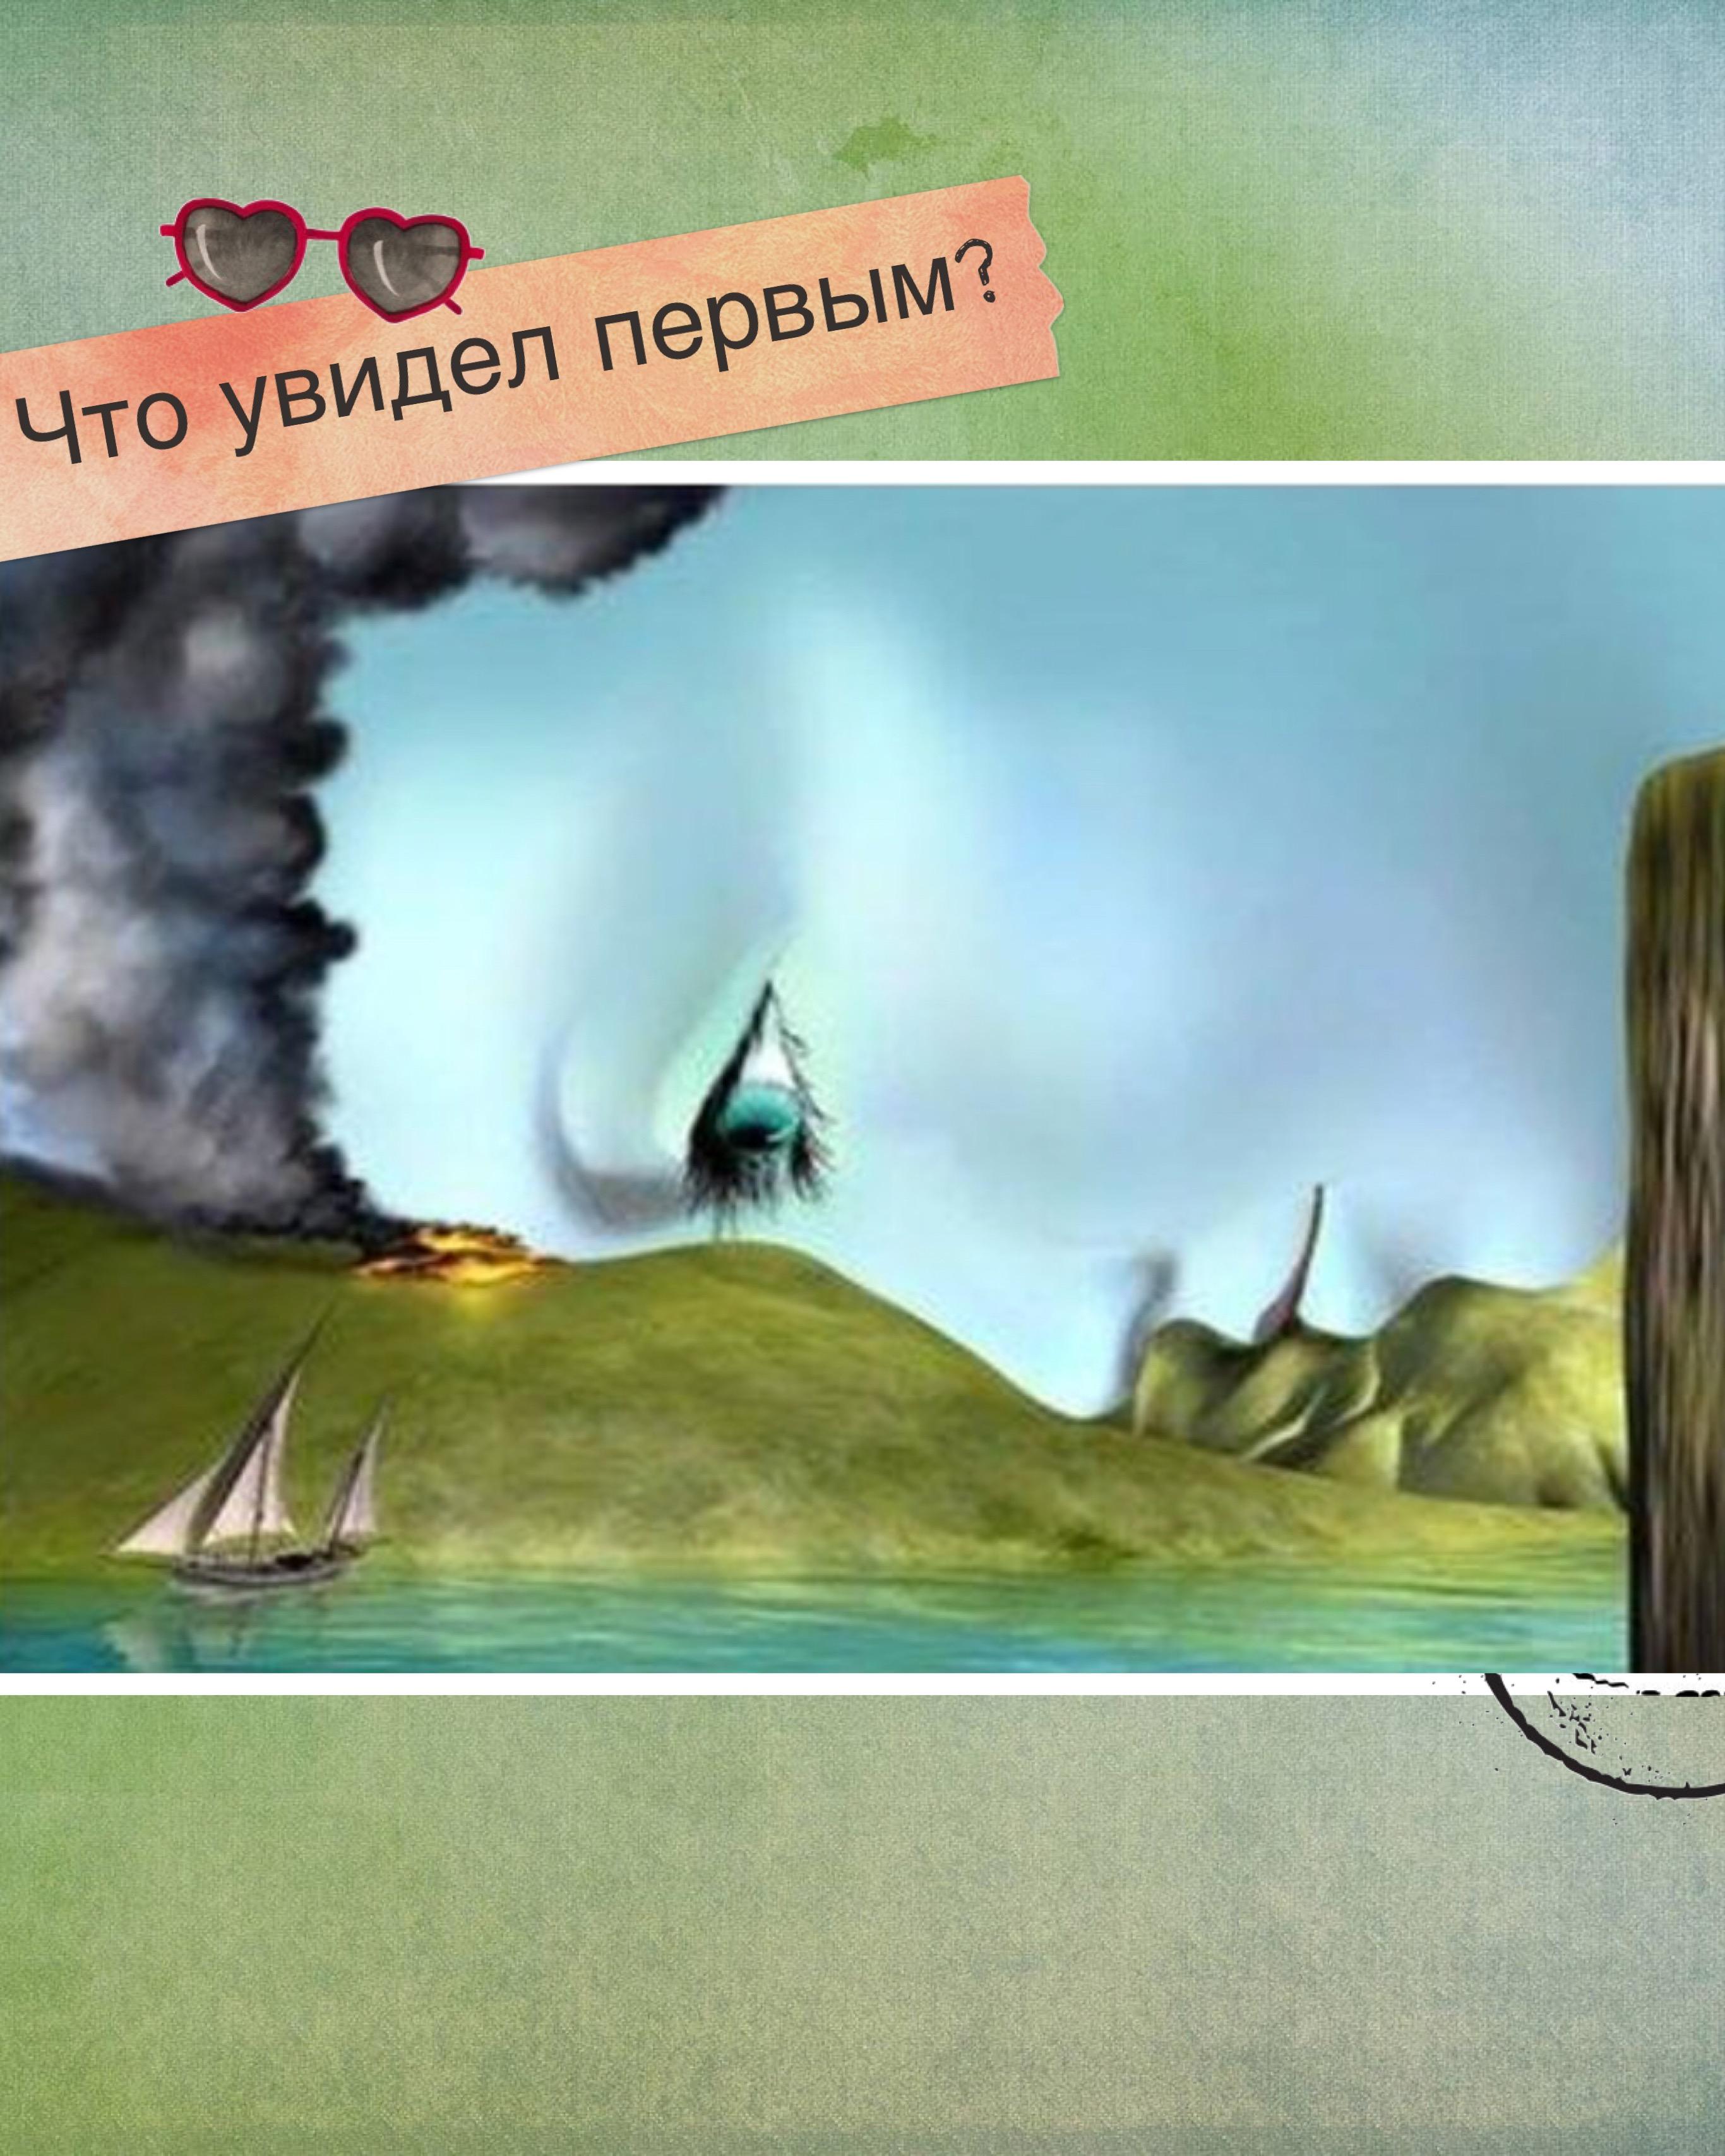 http://s9.uploads.ru/v0GbA.jpg